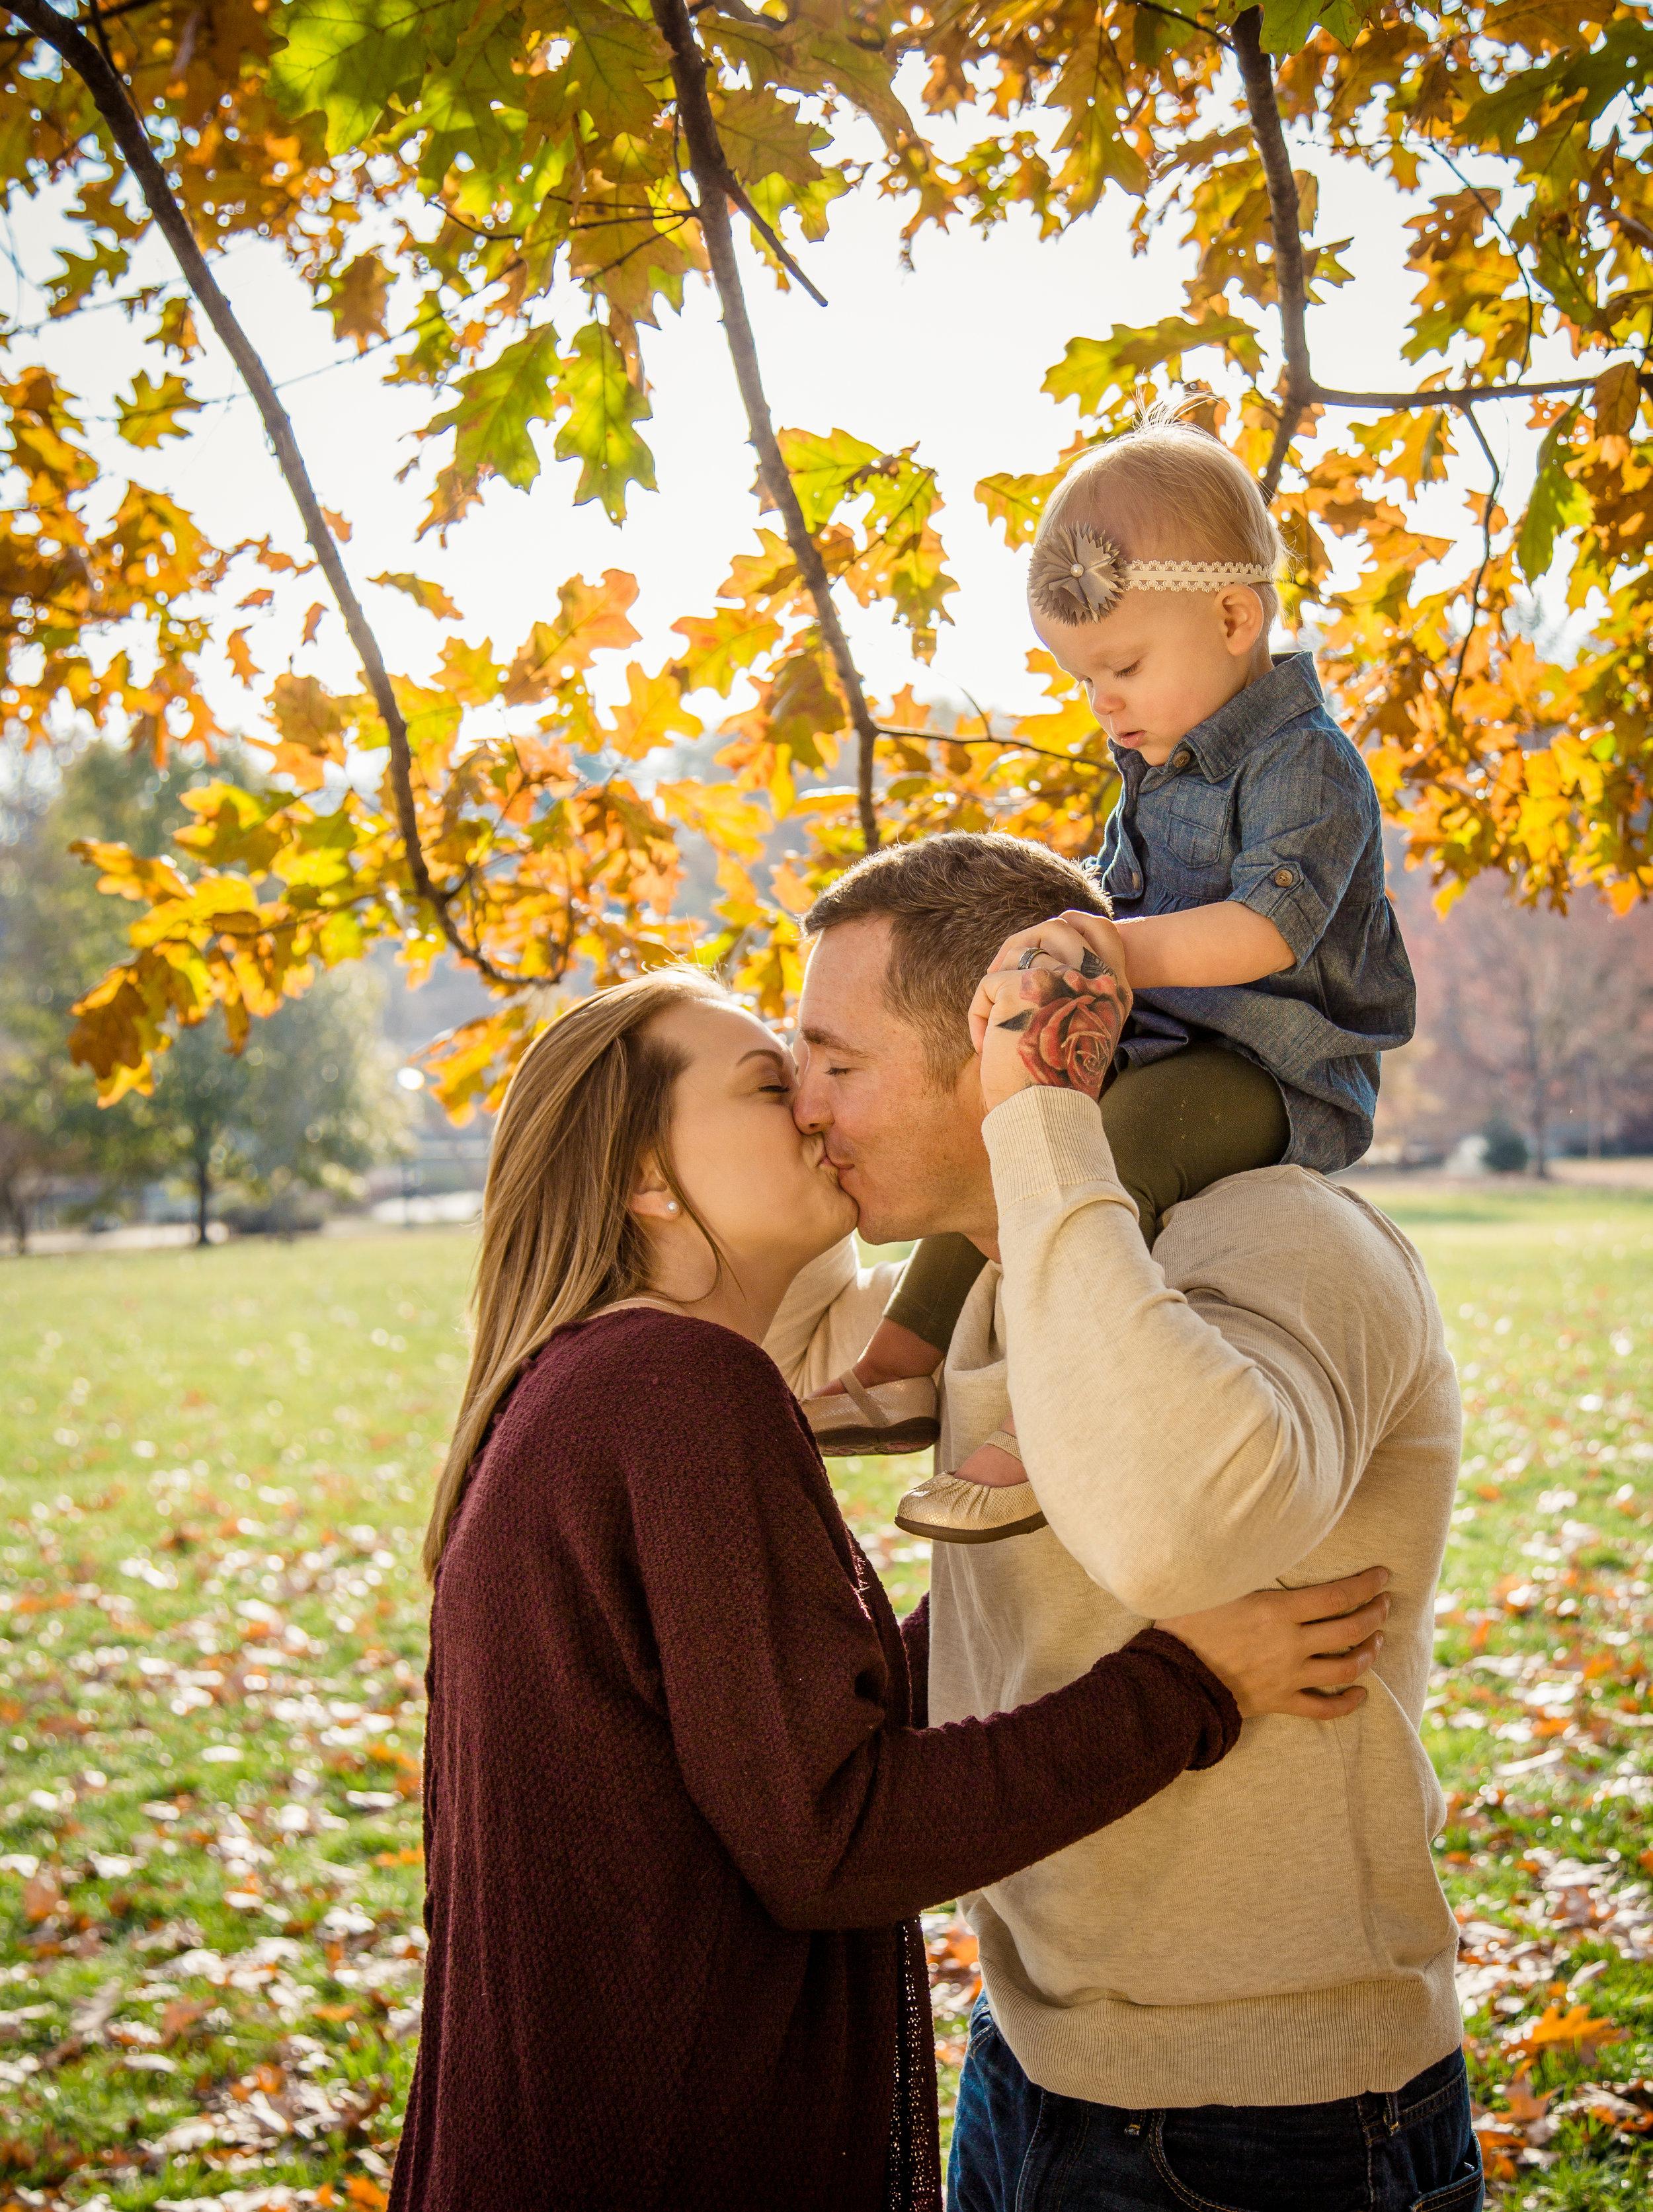 Bennett-Burrell Family Photos 2018 (17 of 39).jpg